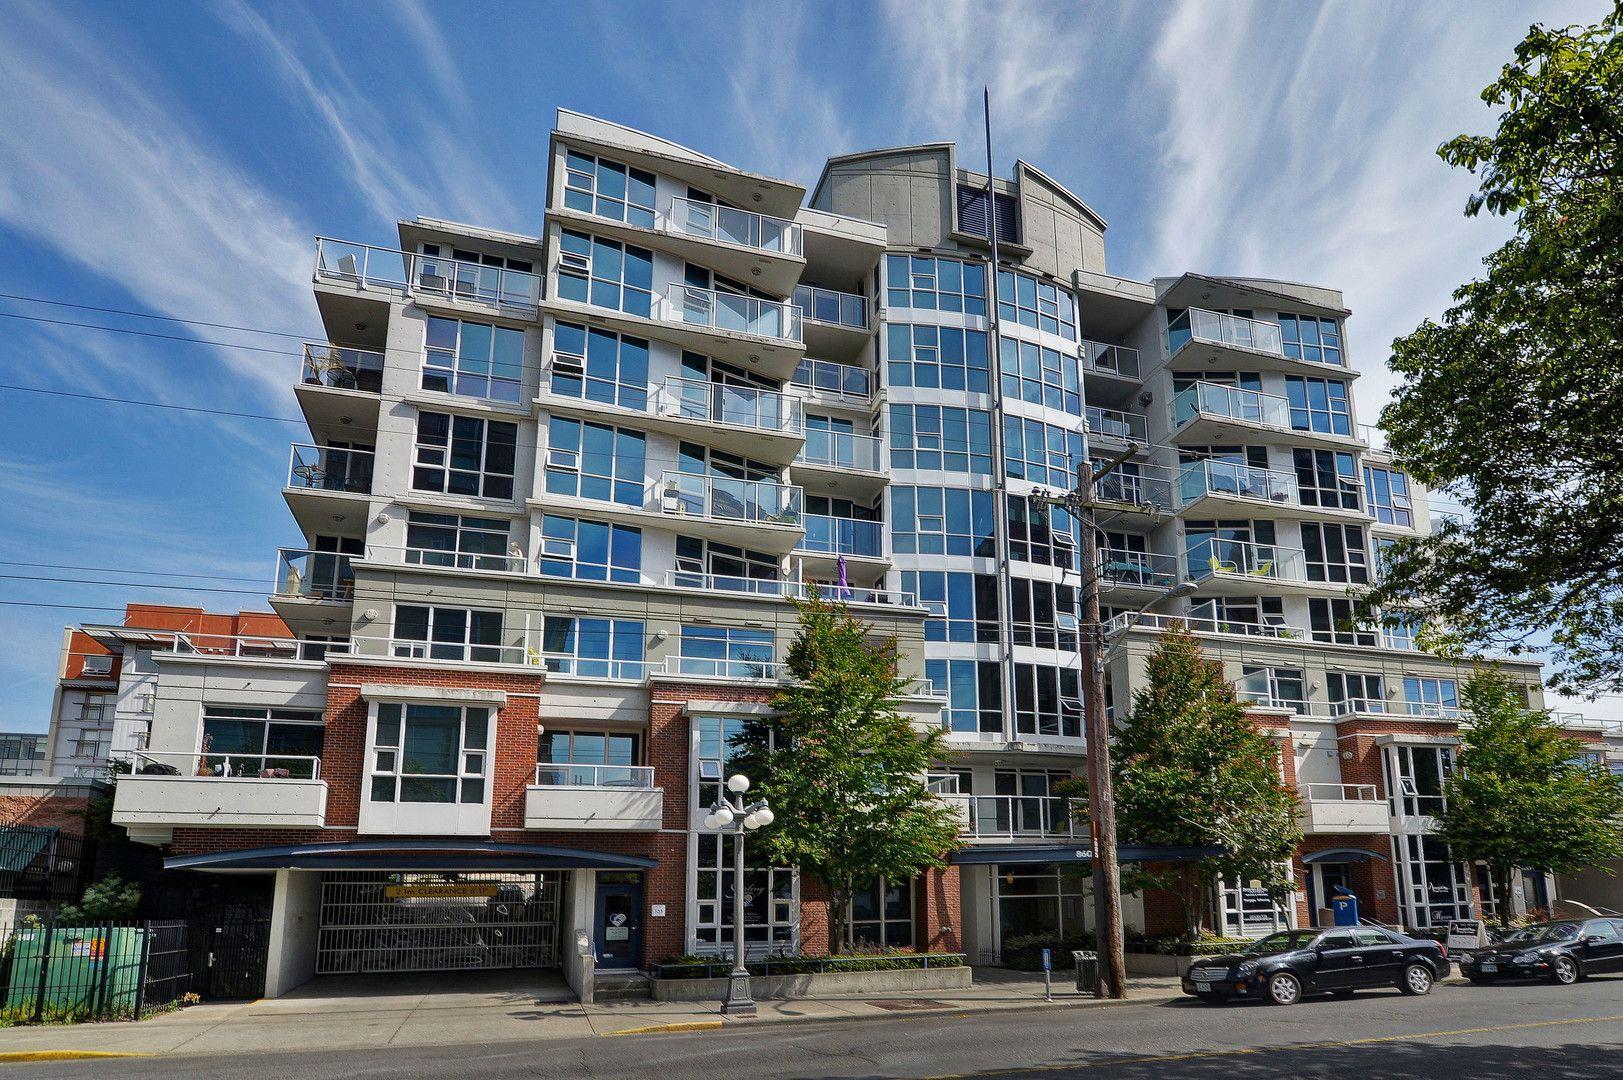 Main Photo: 203 860 View Street in VICTORIA: Vi Downtown Condo Apartment for sale (Victoria)  : MLS®# 405868